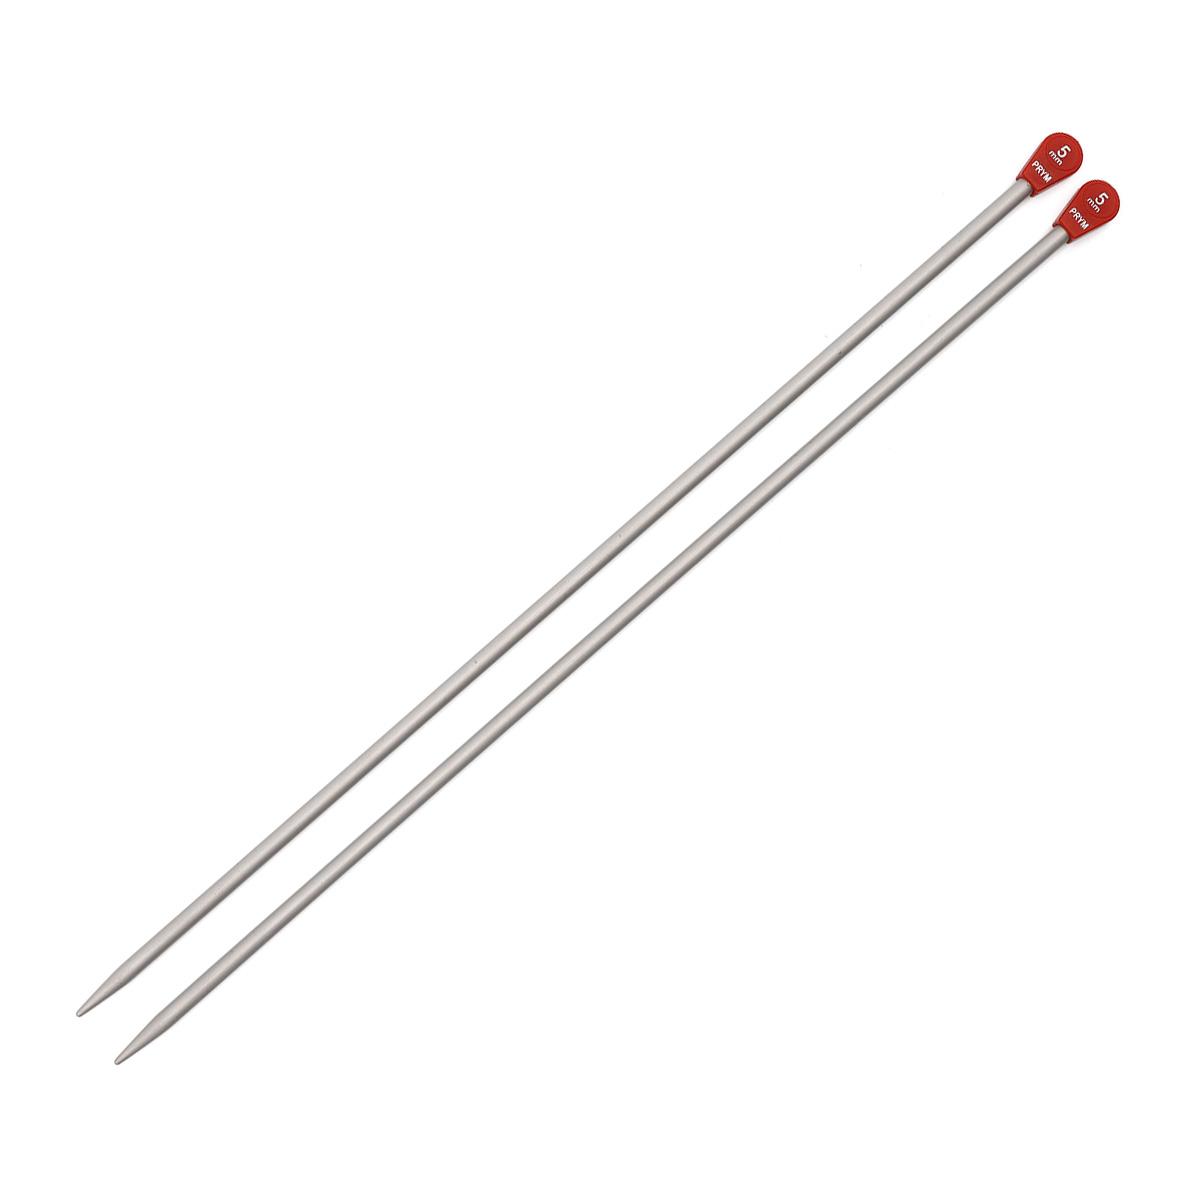 191467 Спицы прямые алюминиевые, 35 см*5 мм, упак./2 шт., Prym